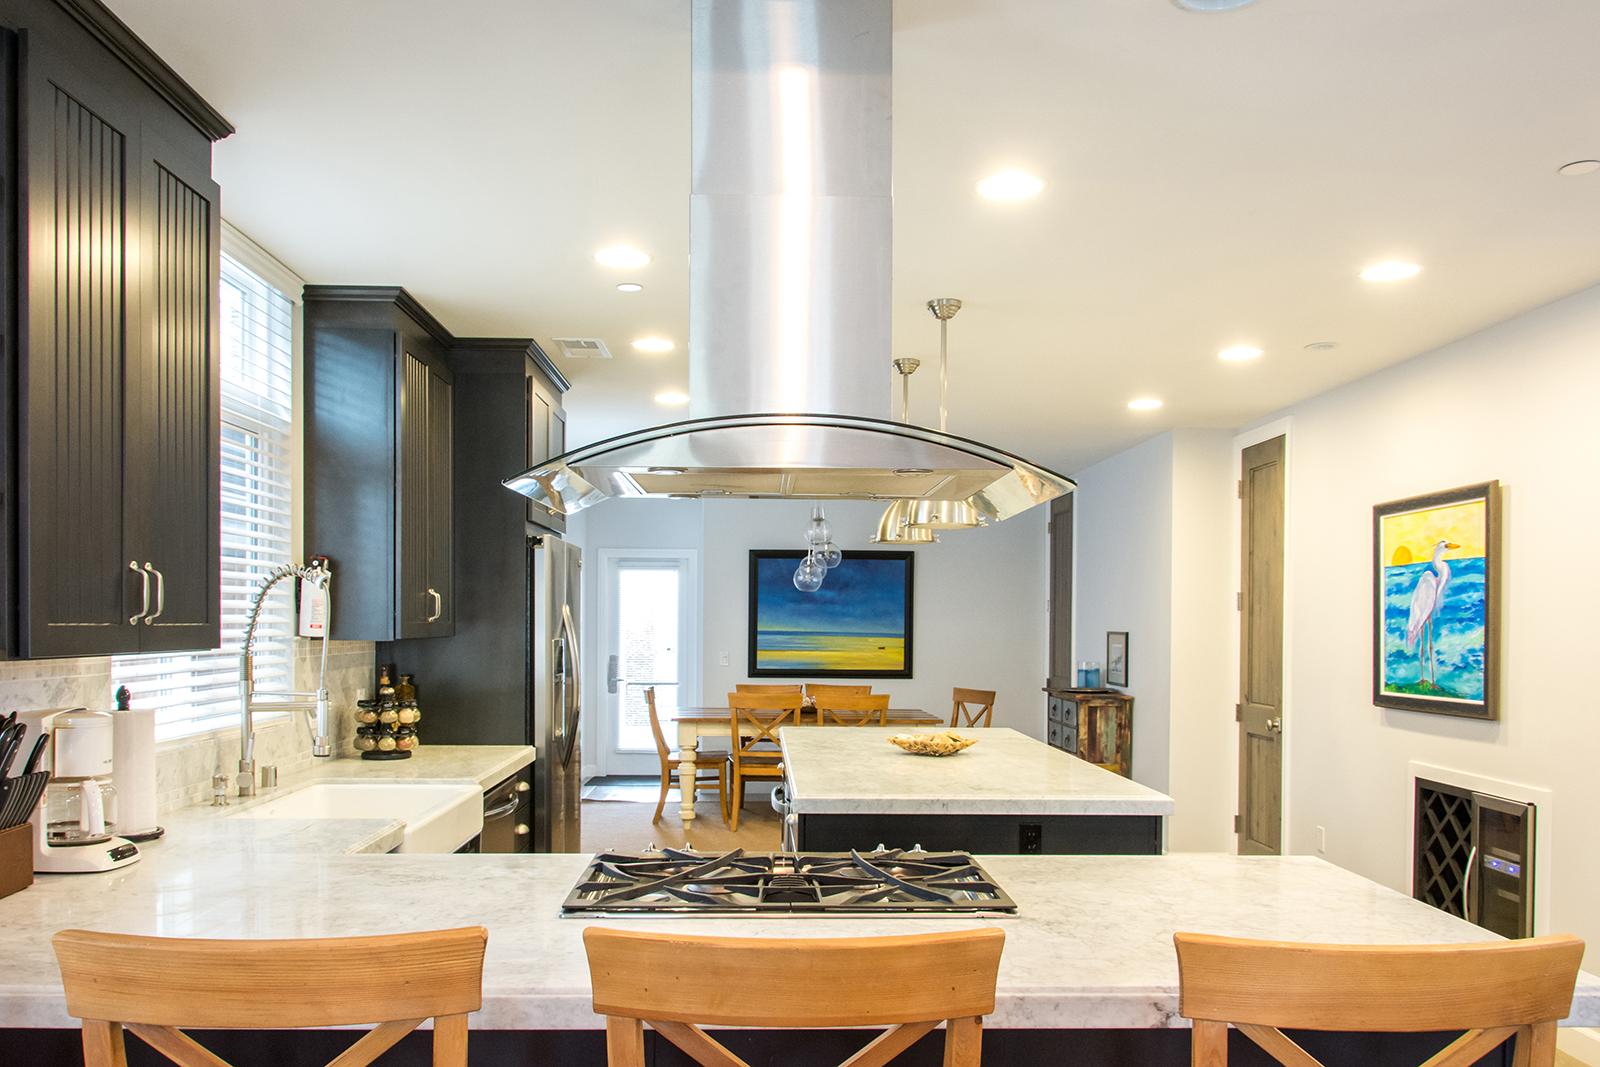 Kitchens | Tyann Marcink | St. Louis, Missouri